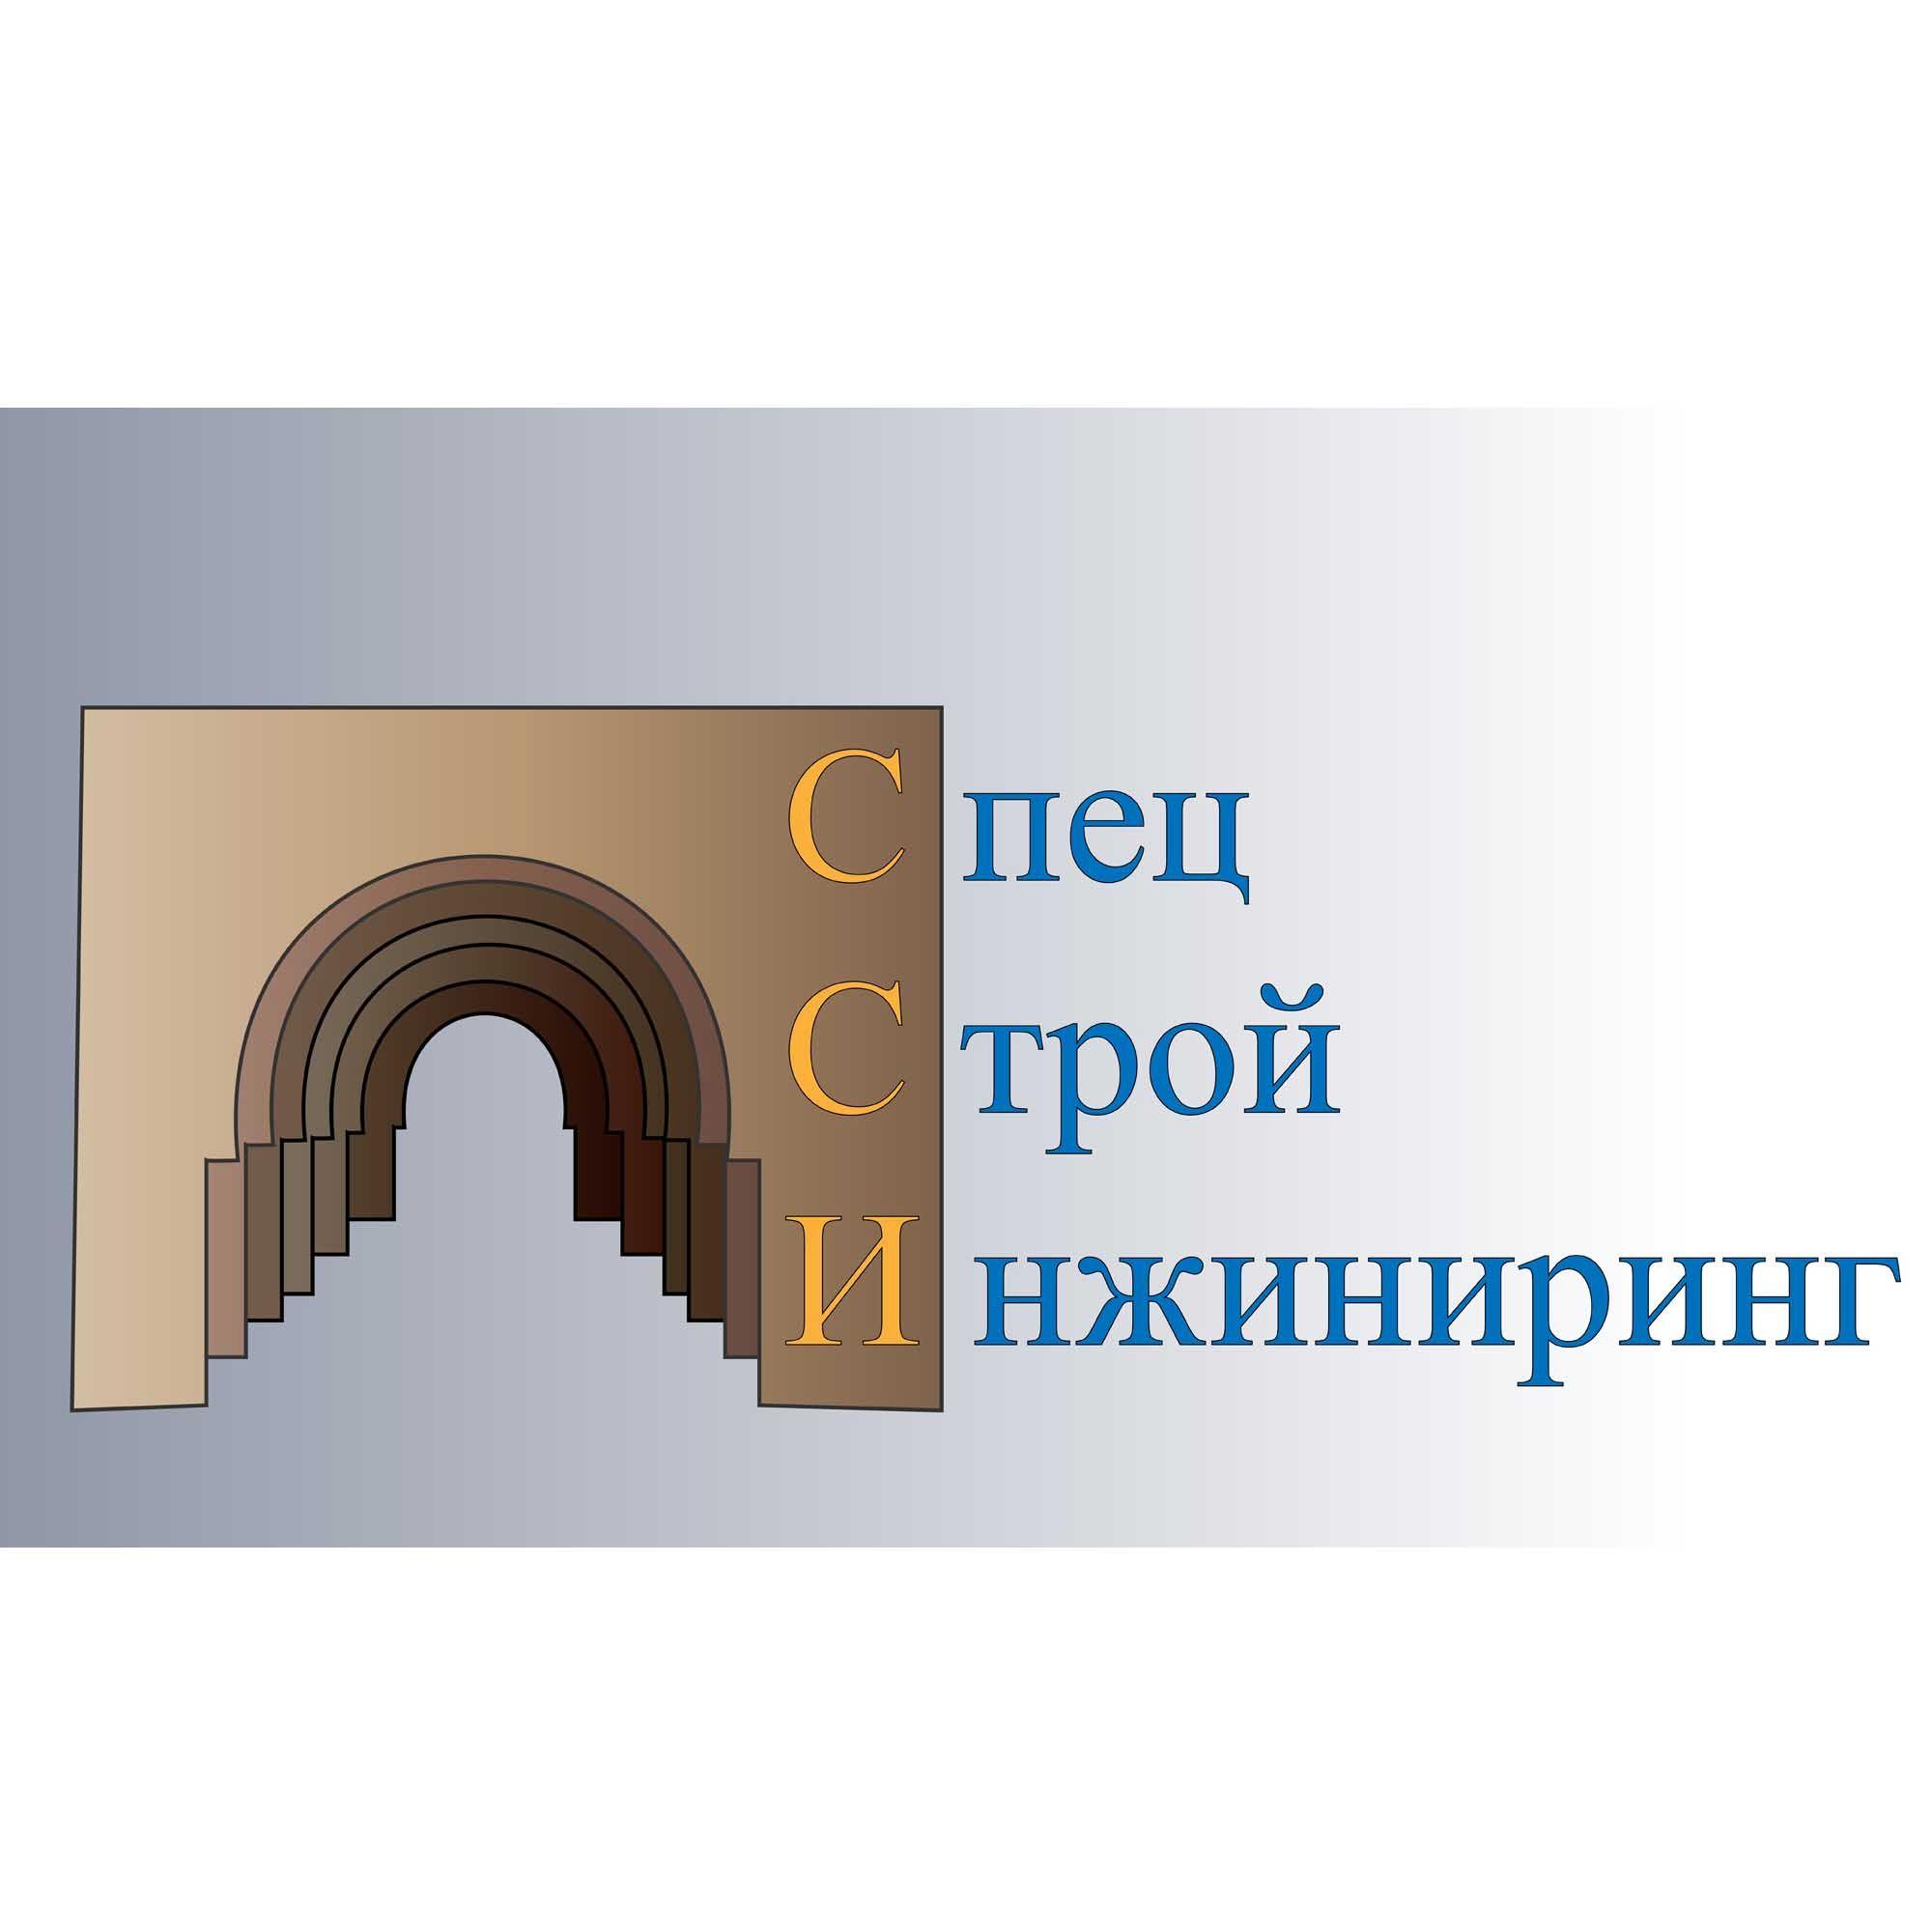 Логотип для строительной компании - дизайнер atmannn